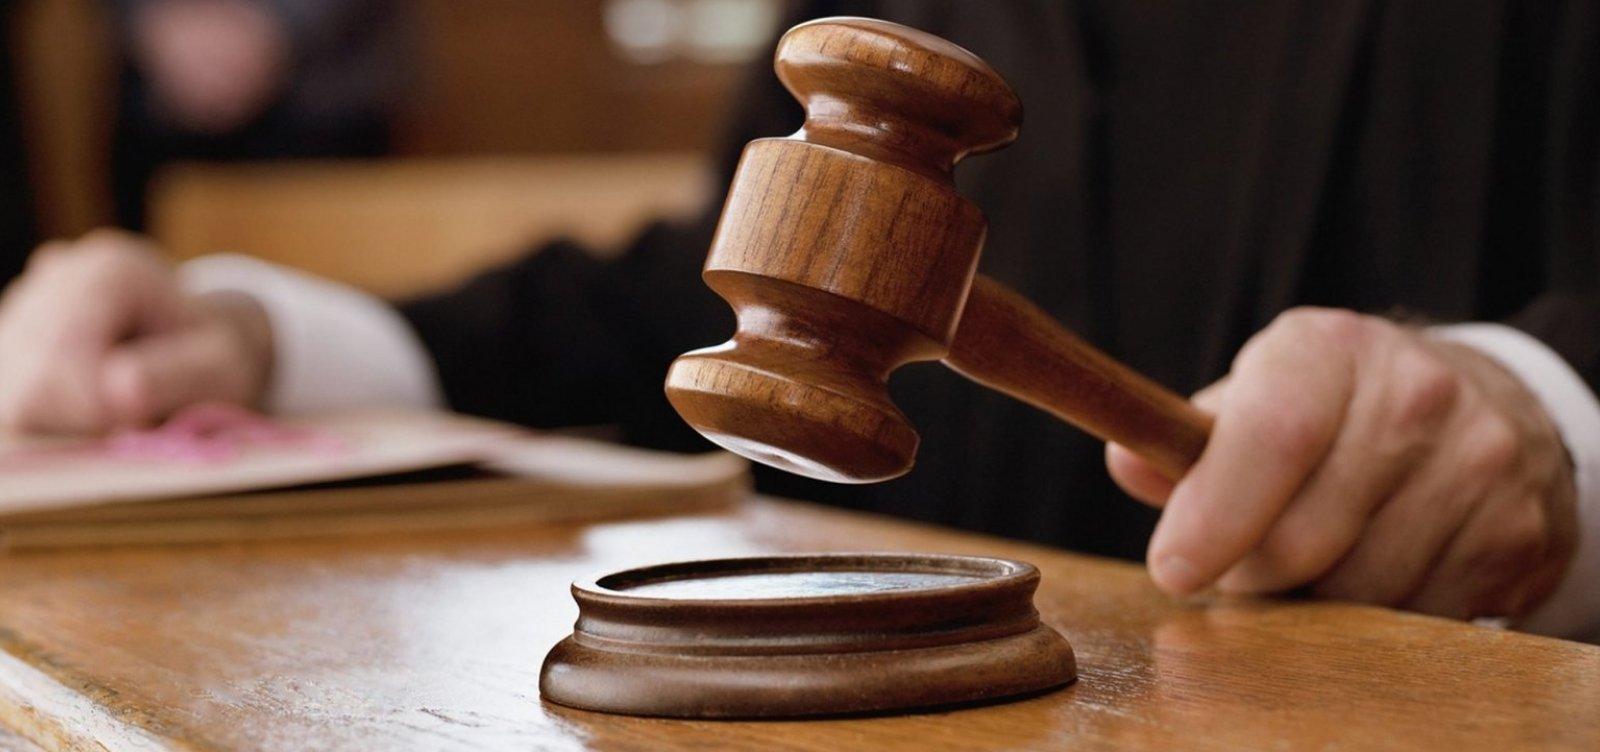 Barreiras: homem que estuprou, torturnou e matou mulher é condenado a 32 anos em regime fechado